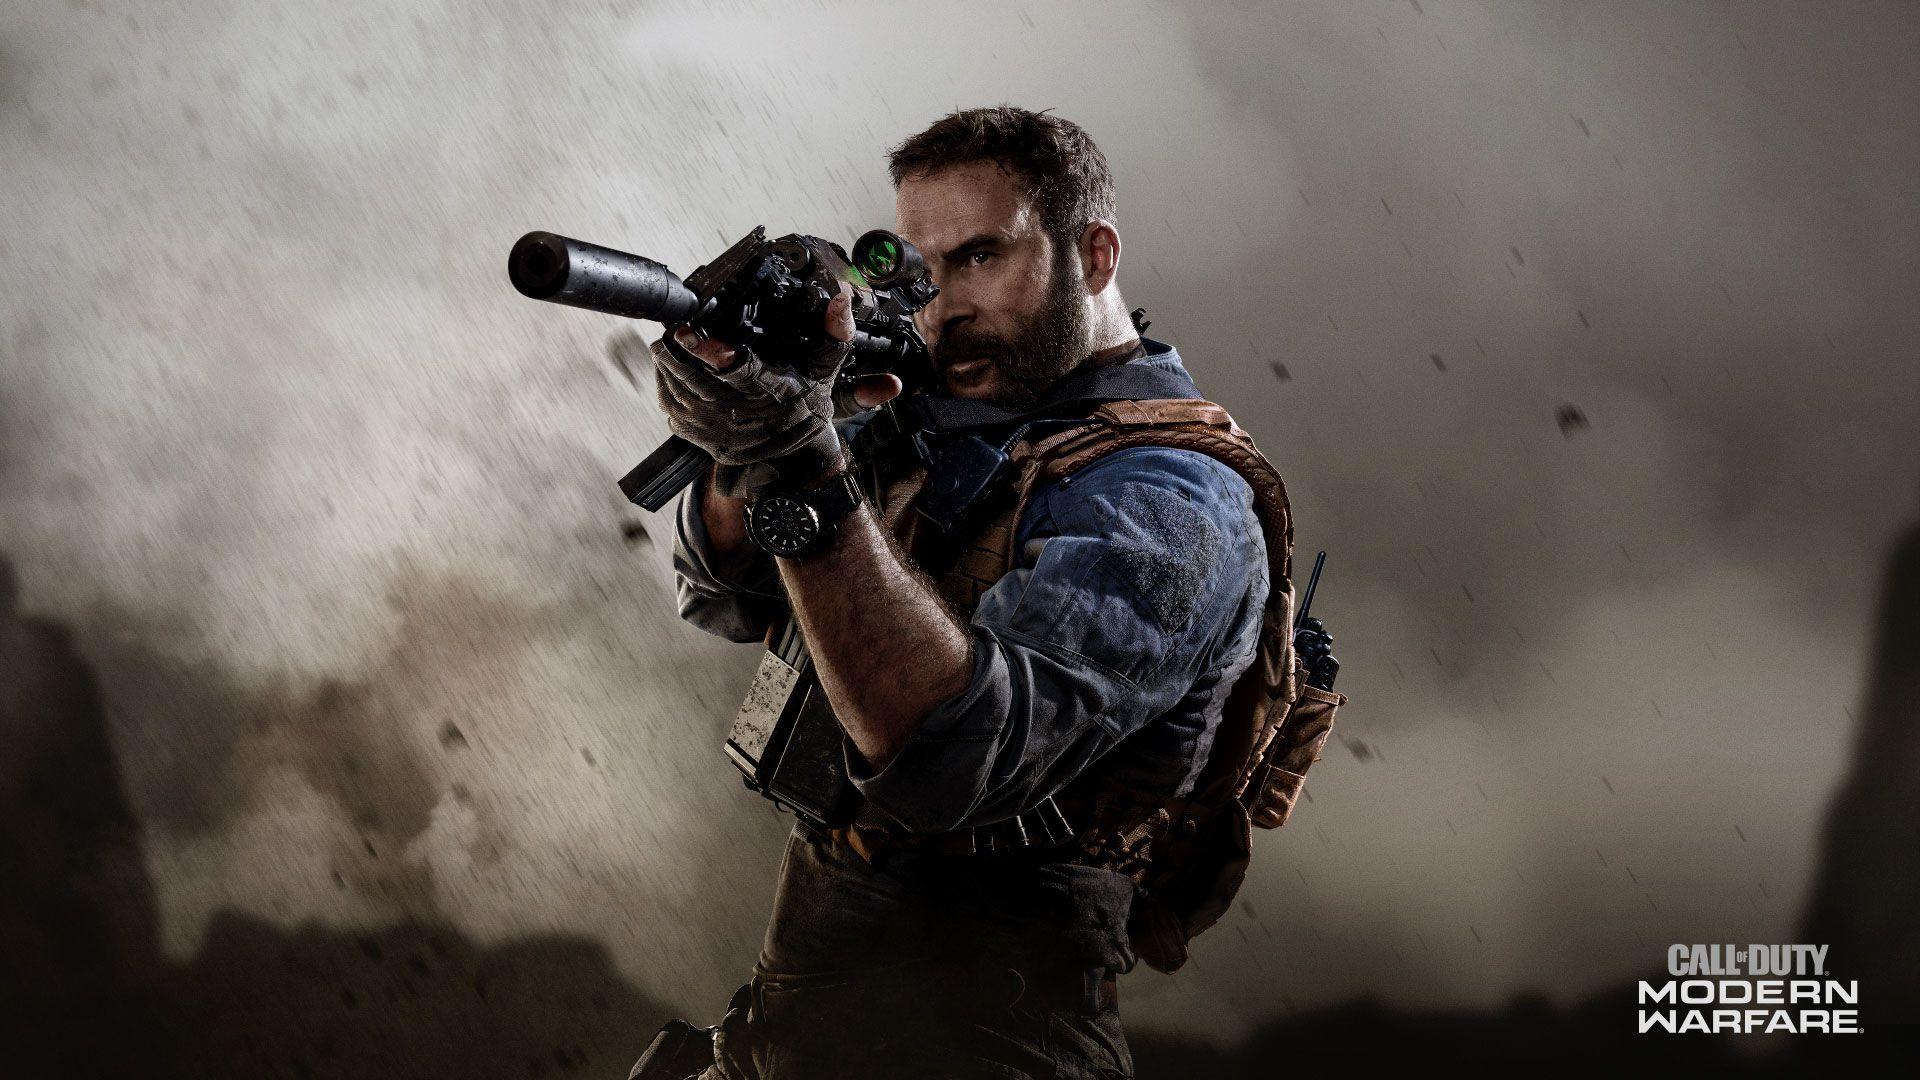 Call of Duty Modern Warfare : Le patch de 45 Go soulève la problématique du poids des jeux AAA